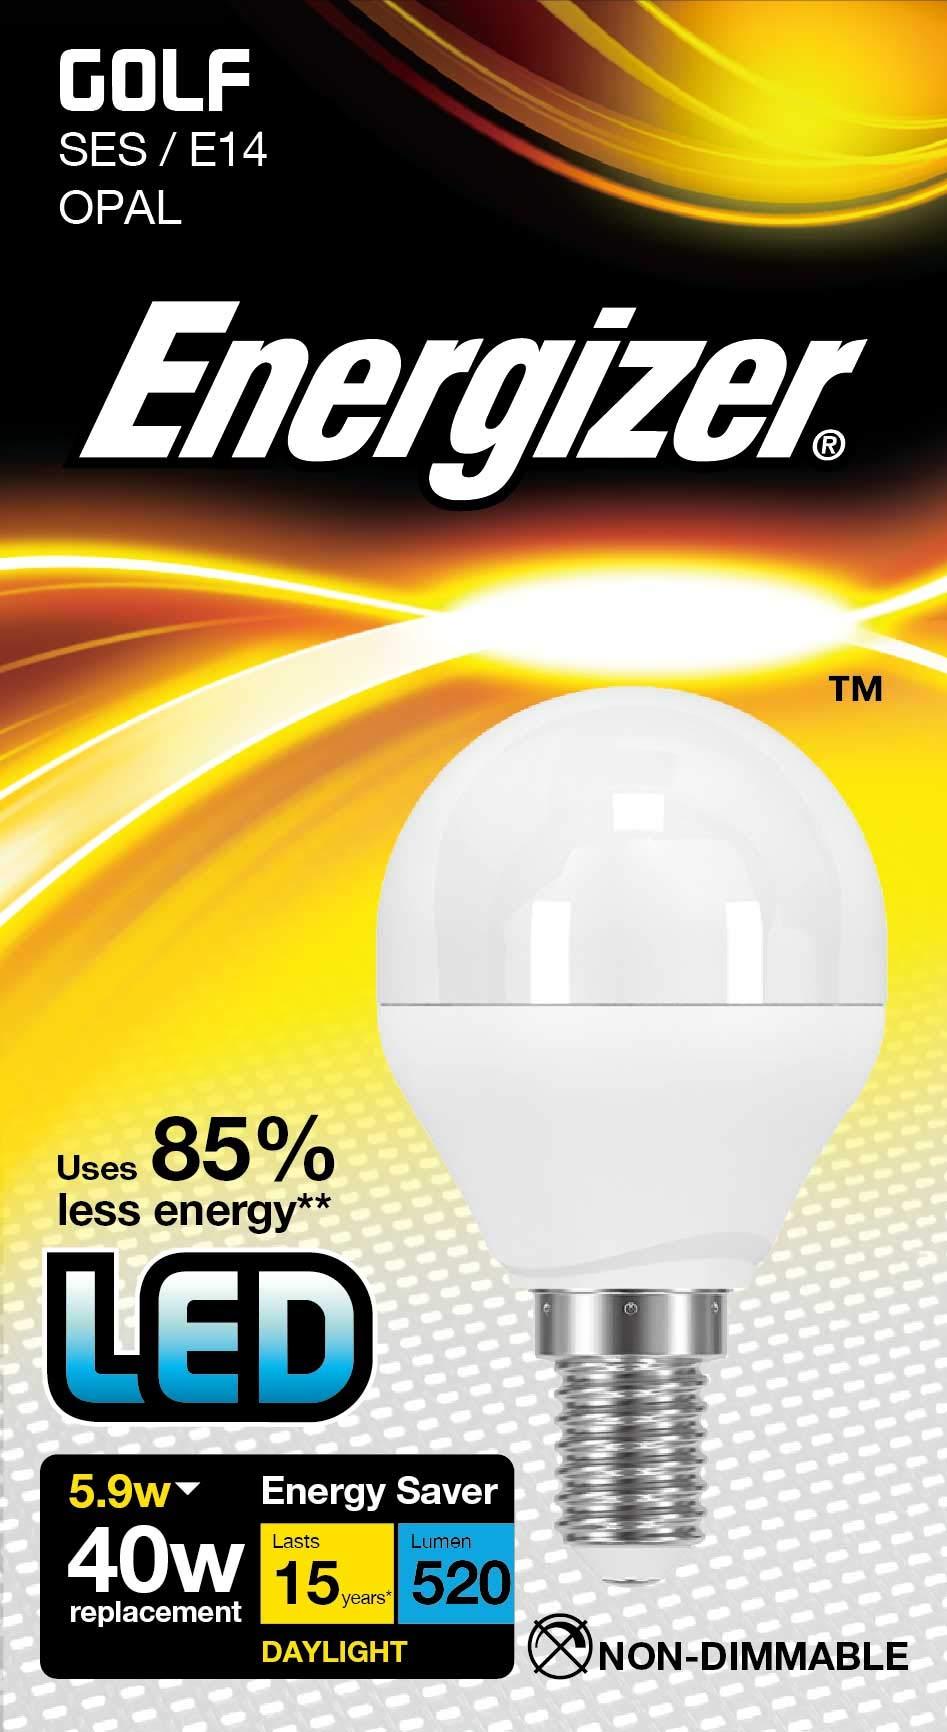 Energizer LED Energy Saving Lightbulb, E14, Daylight